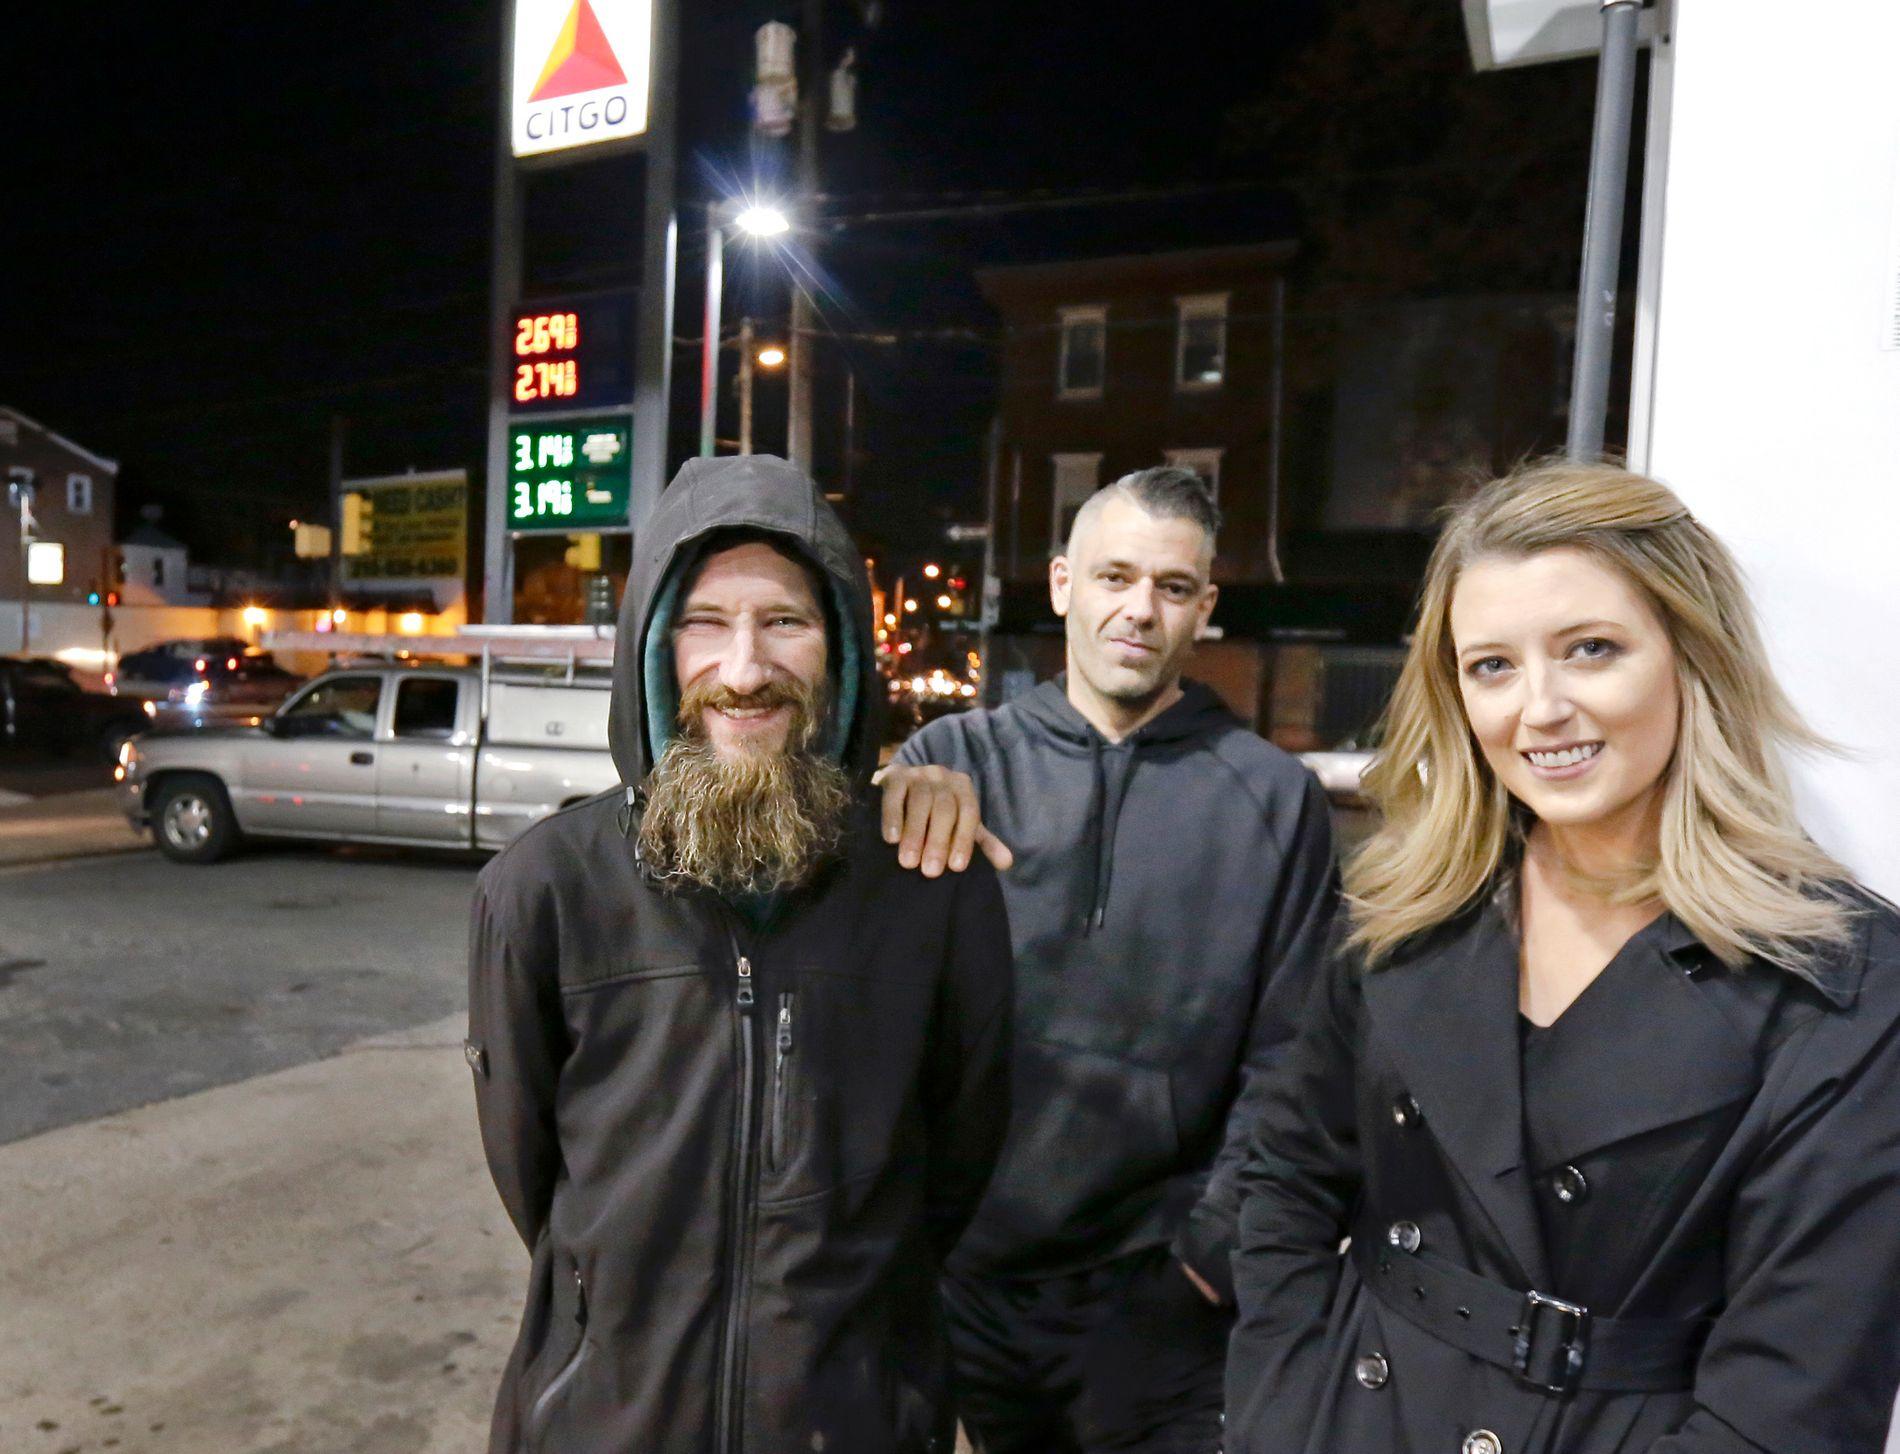 GIKK VIRALT: 14.000 mennesker bidro til å samle inn penger til hjemløse Johnny Bobbitt jr. (til venstre). Nå har pengene forsvunnet, og Mark D'Amico og Kate McClure er anklaget for å bruke alle pengene selv.